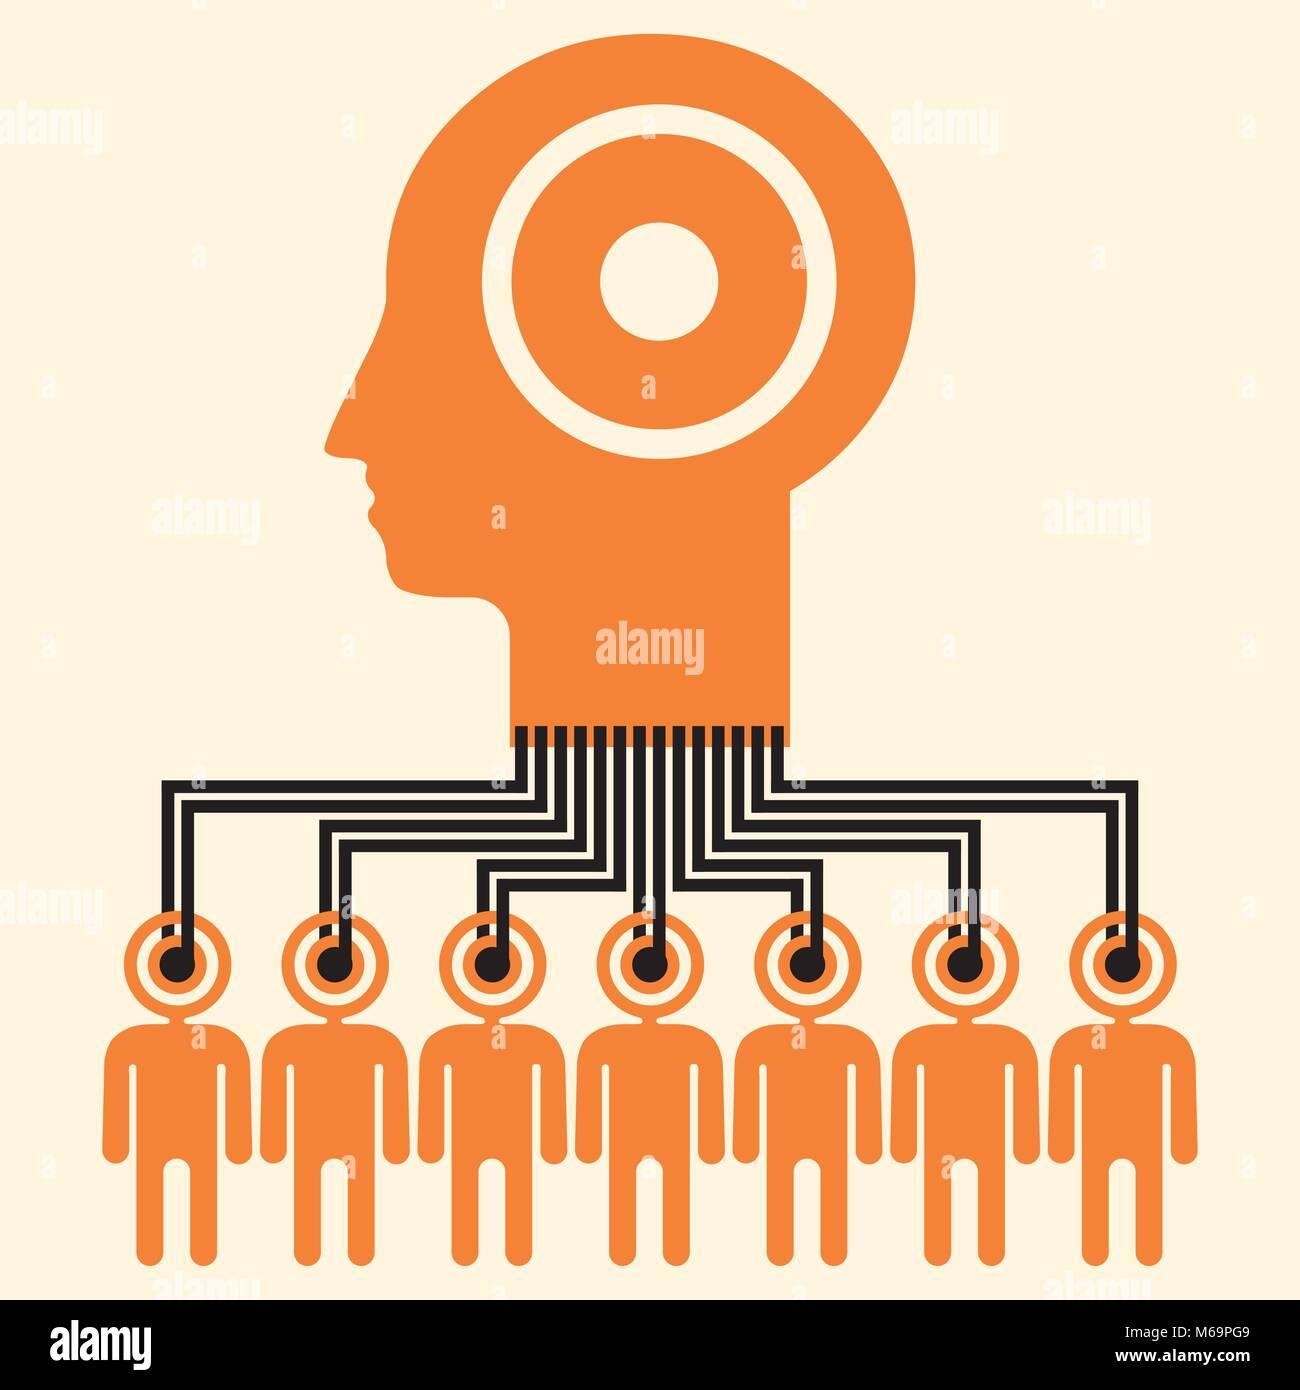 Crowdsourced sistema di intelligenza artificiale grafico Immagini Stock